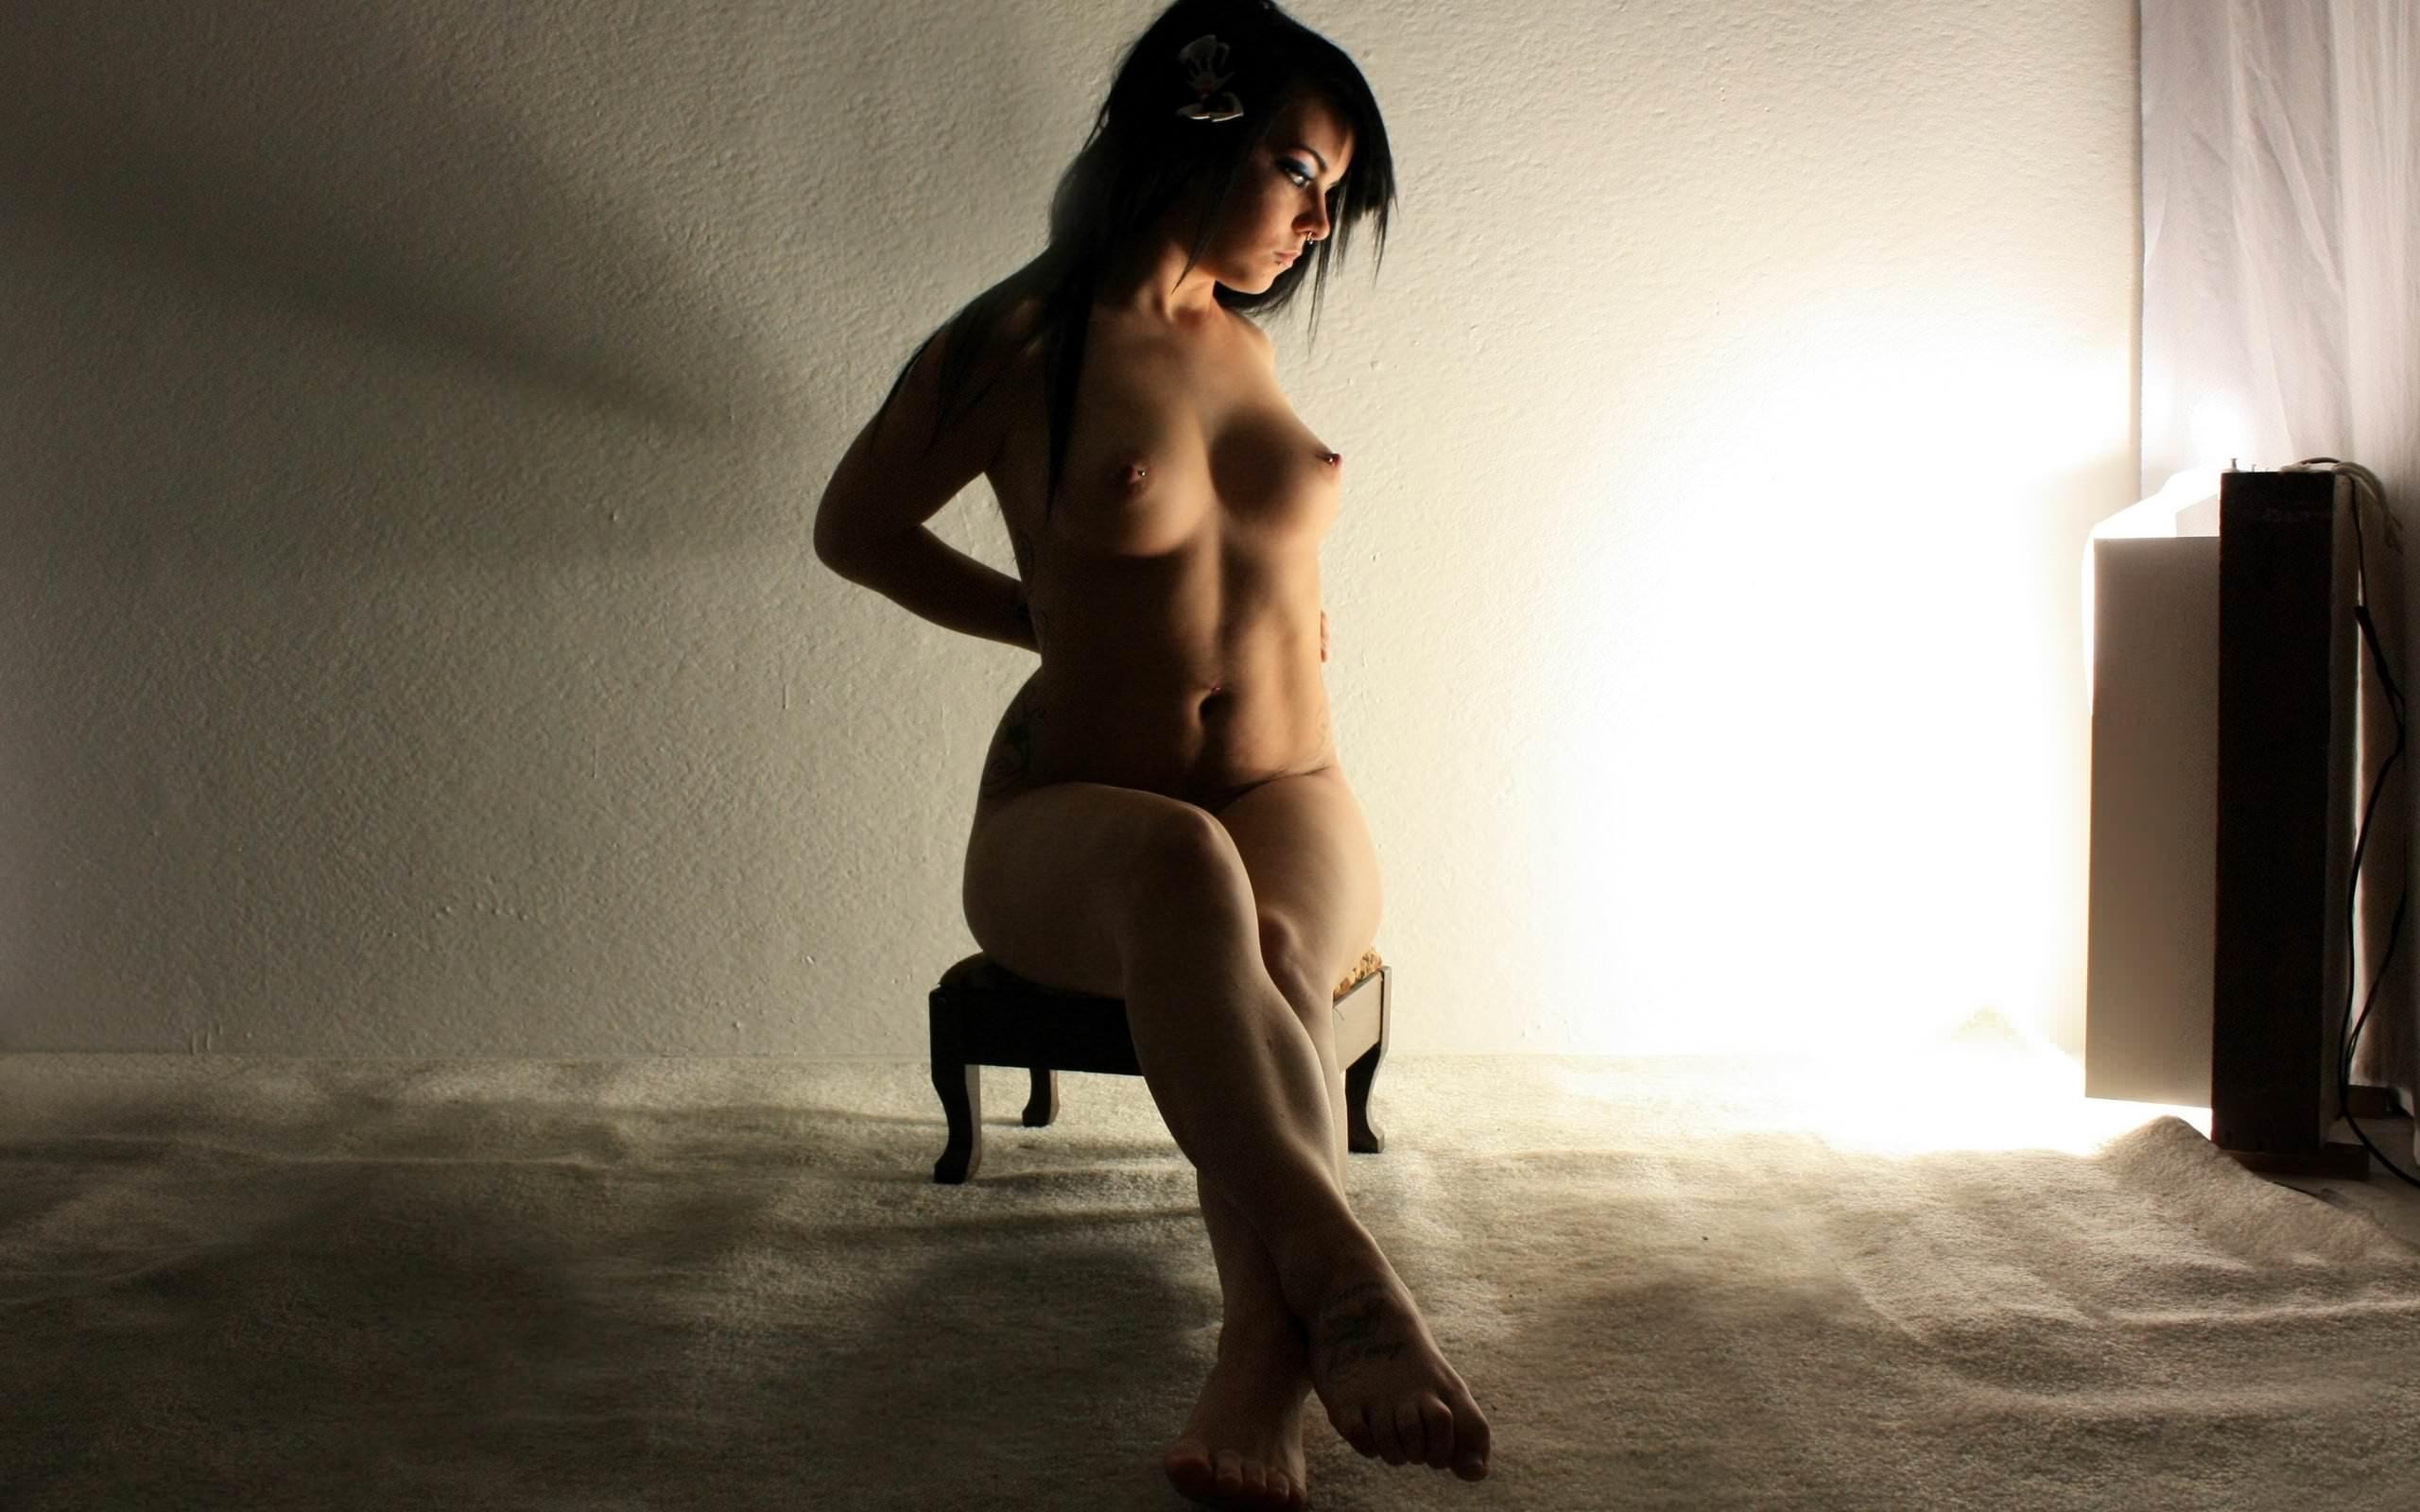 Фото Сексуальная обнаженная девушка мило сидит на низкой табуретке, убрав руки за спину, выставила ножки вперед, томный свет, вечер, брюнетка, острые соски, упругие натуральные сиськи. Naked girl on the chair, light in the room, hands behind, tits, nipples, brunette, скачать картинку бесплатно